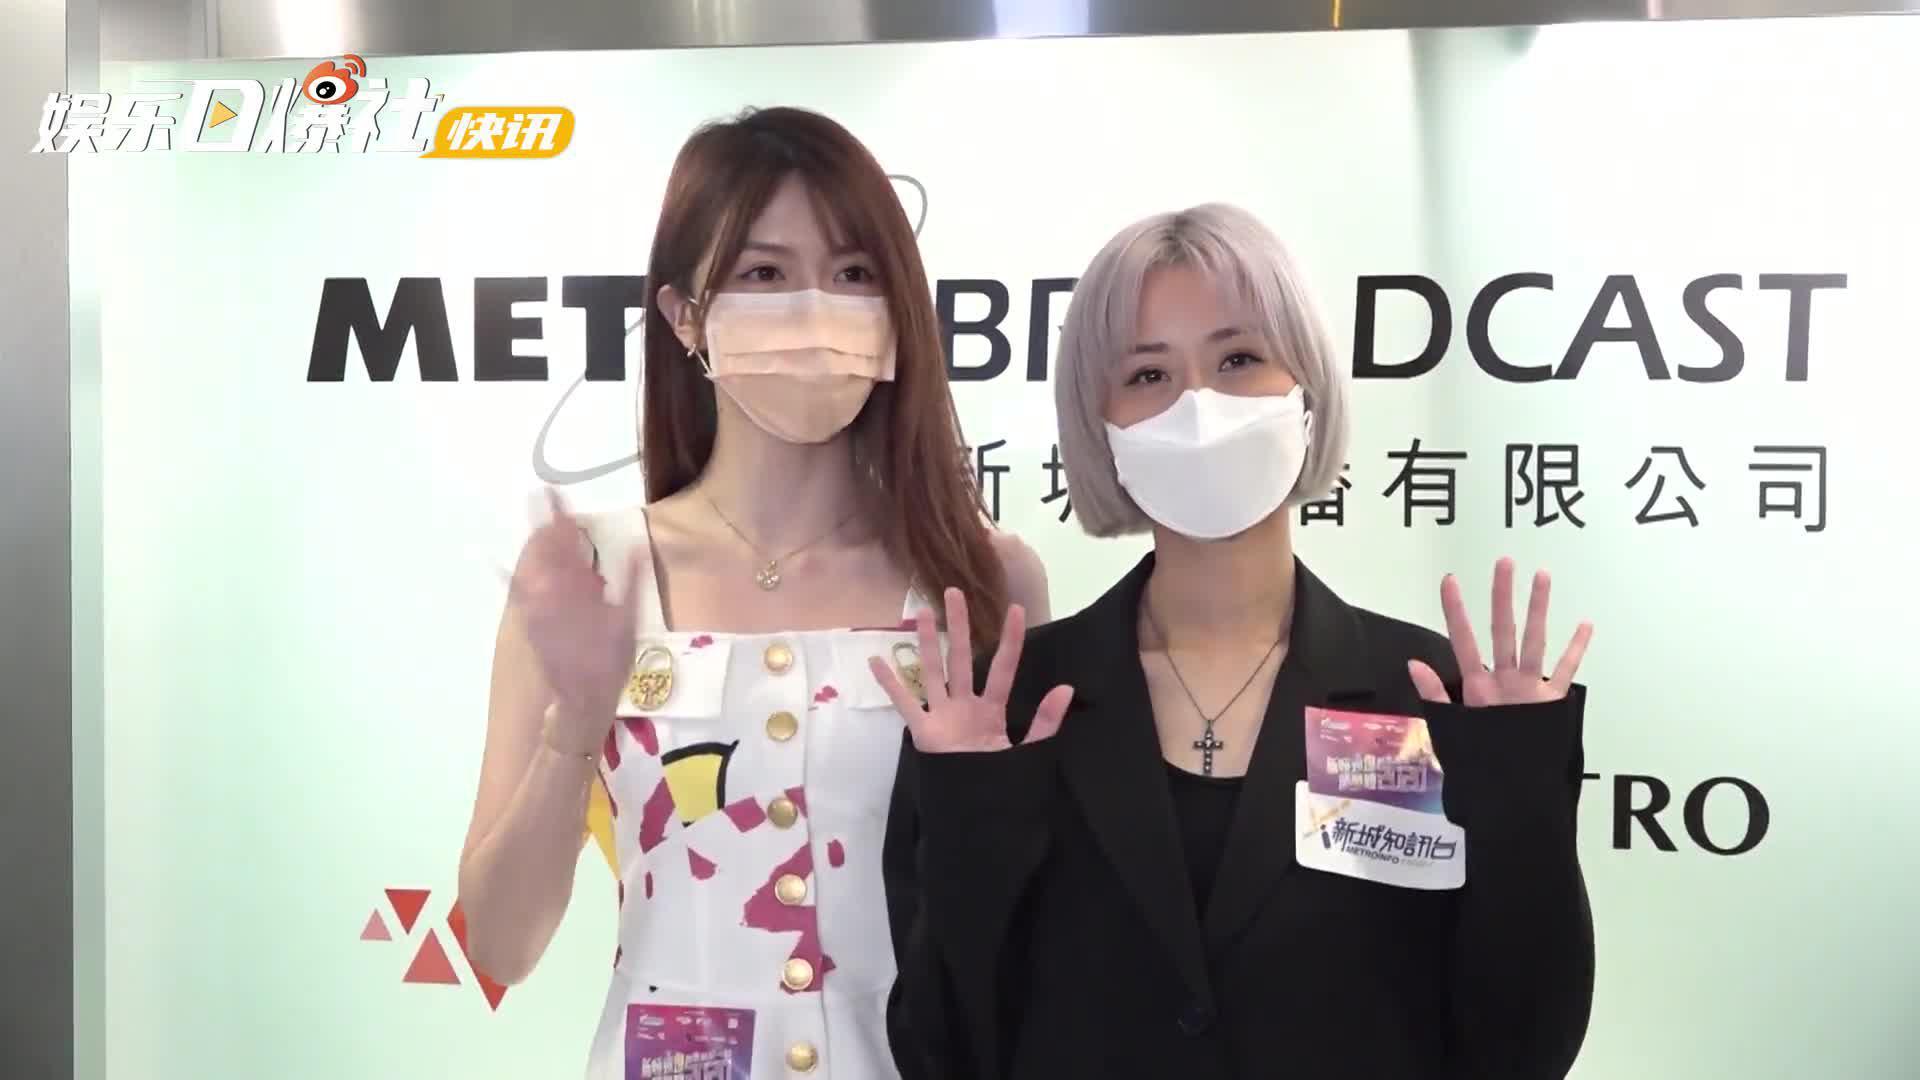 视频:出席阿Sa生日会为容祖儿P图 曾乐彤指阿娇依旧漂亮